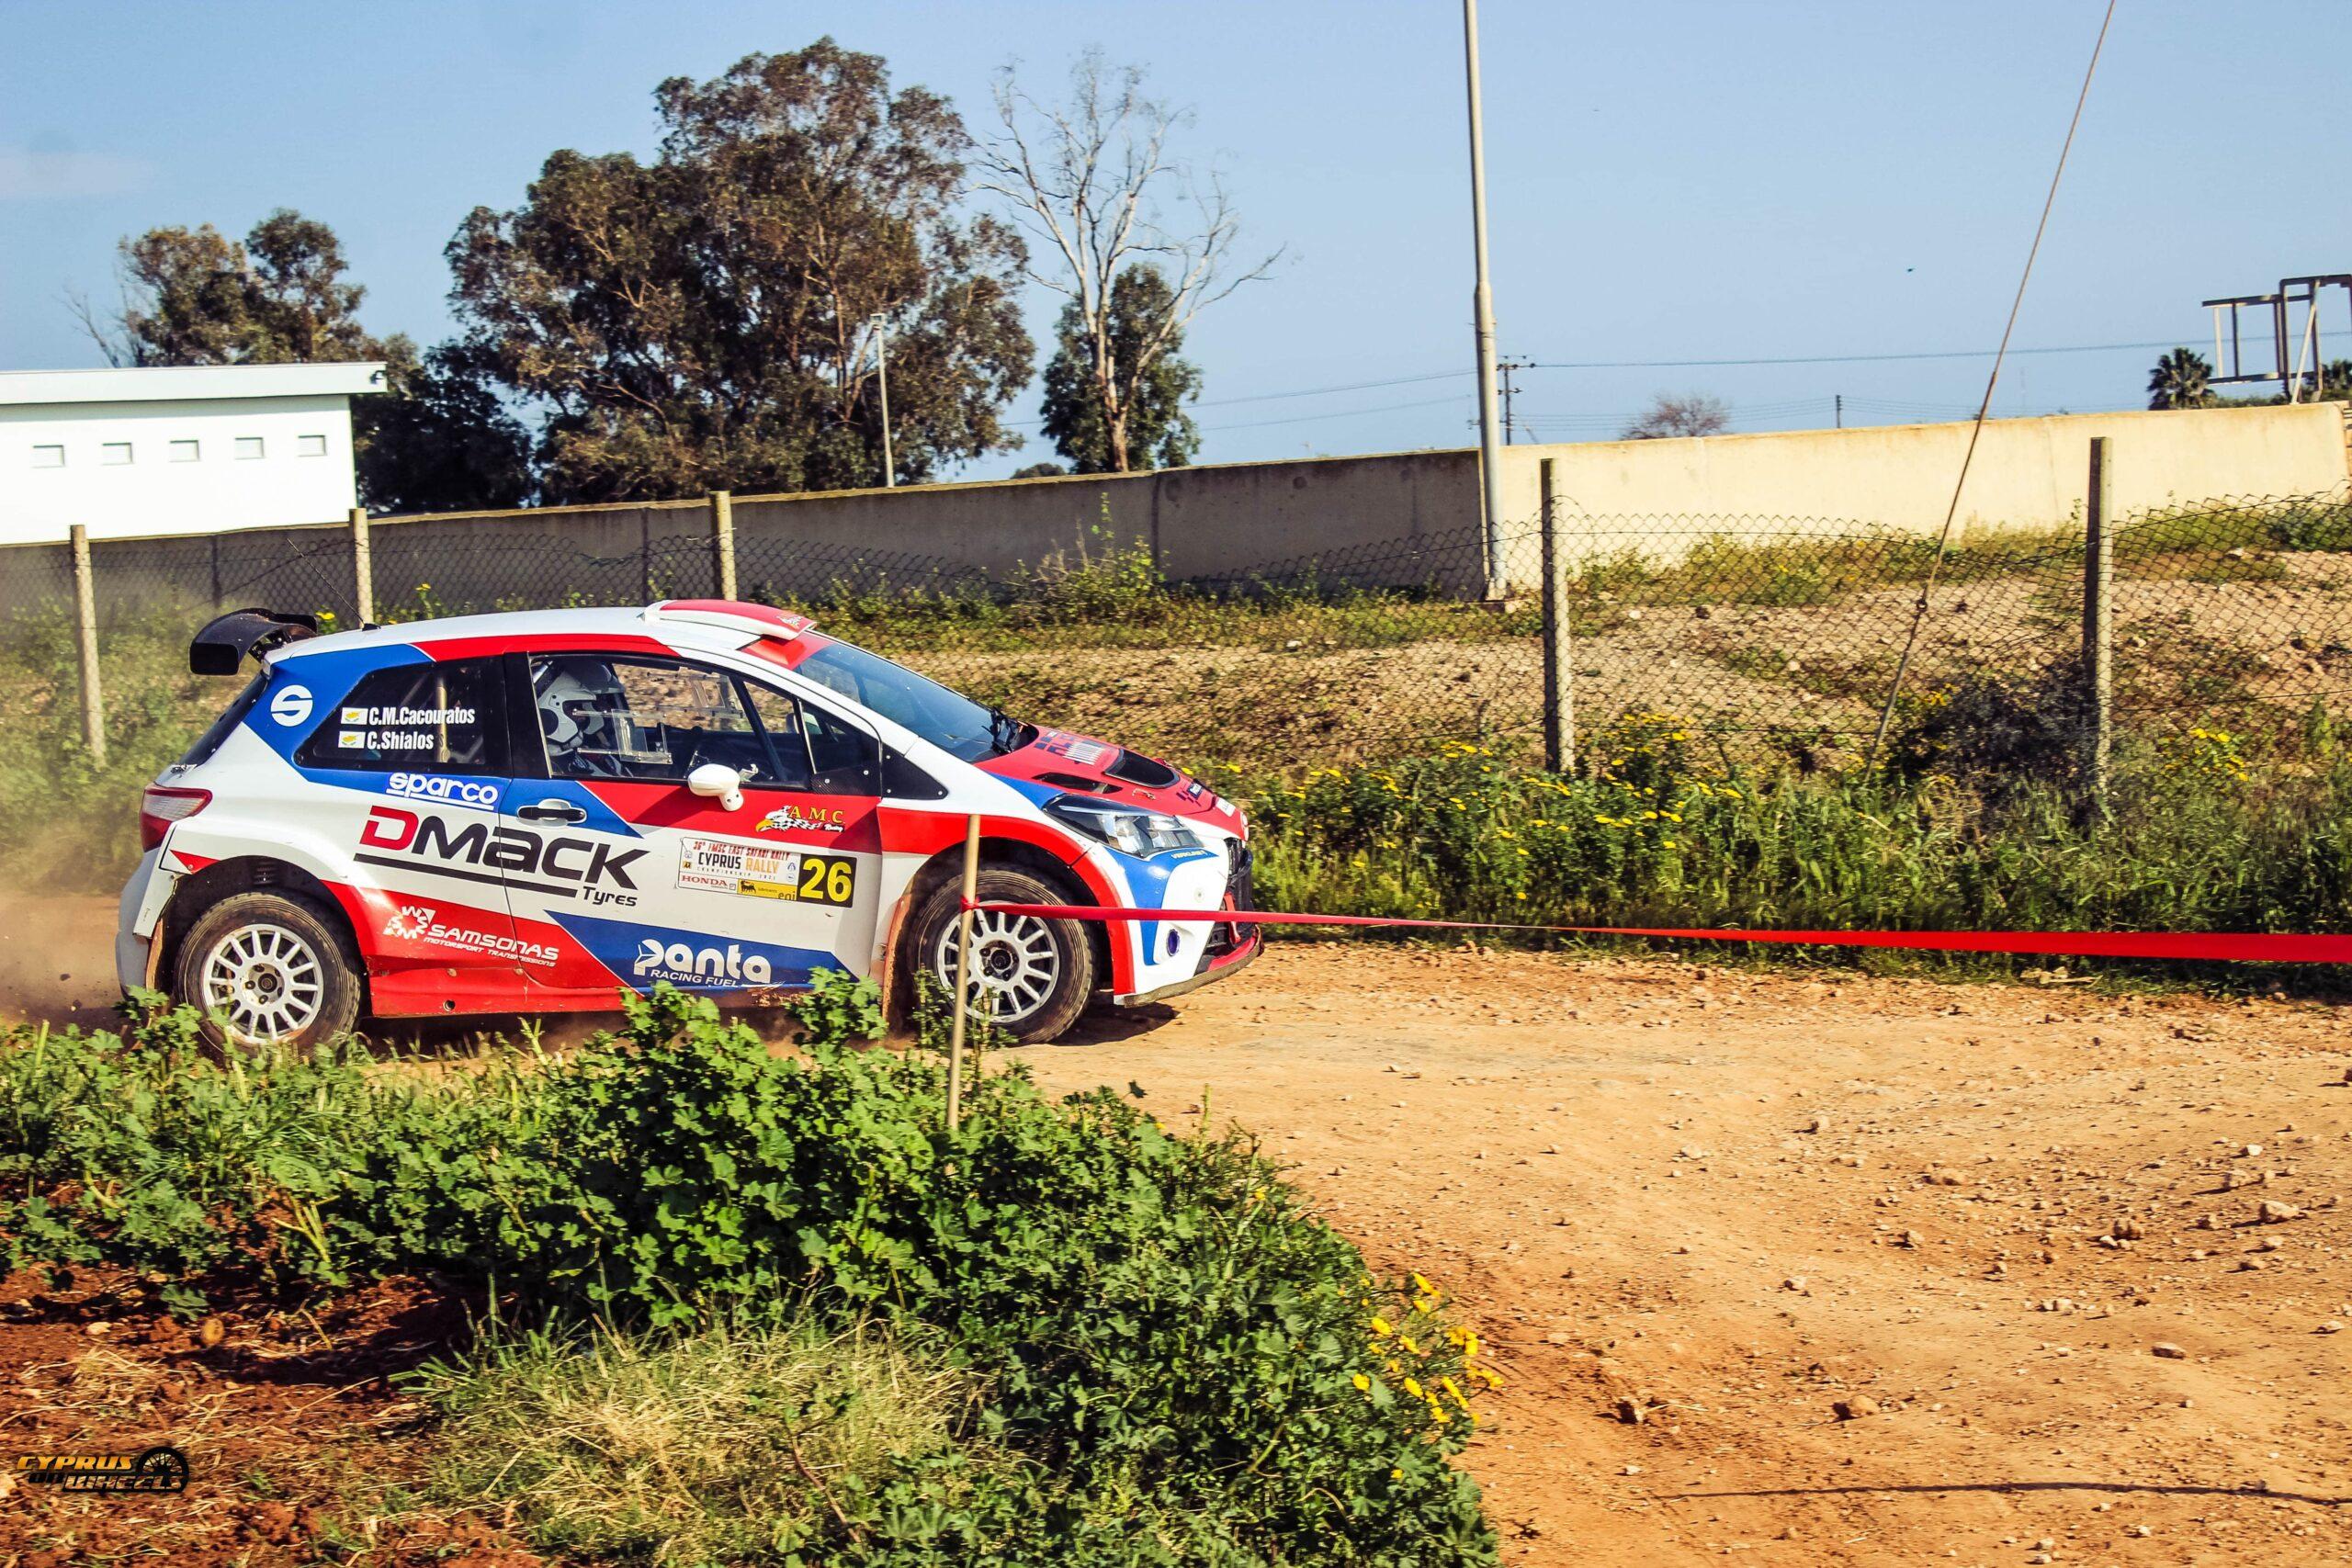 Yaris rally car